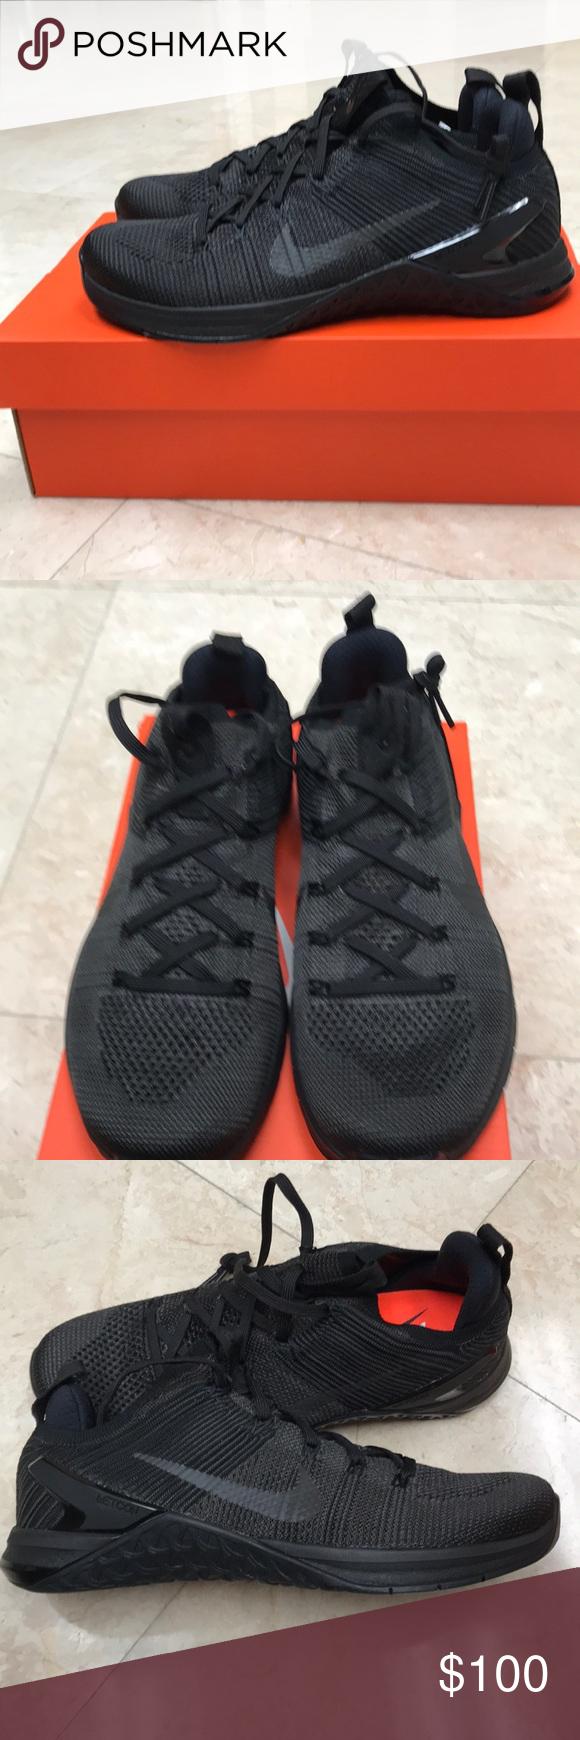 NIKE METCON DSX FLYKNIT Sneakers Size 7.5